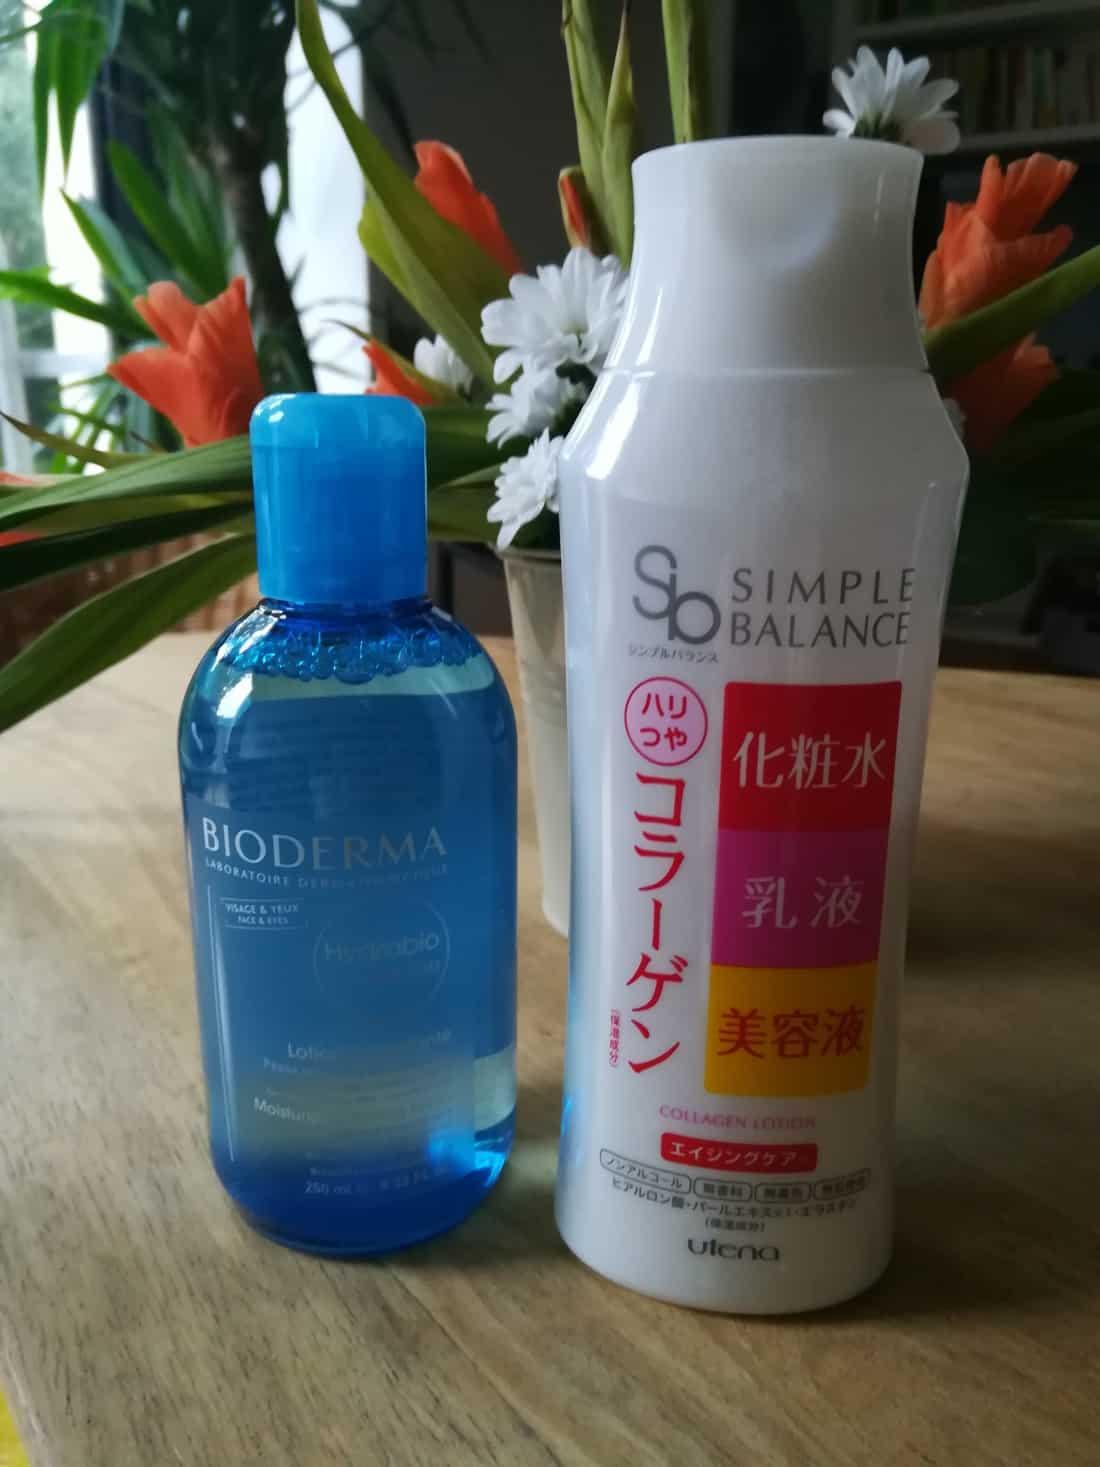 化粧水ビオデルマ(BIODERMA)とウテナ(utena)